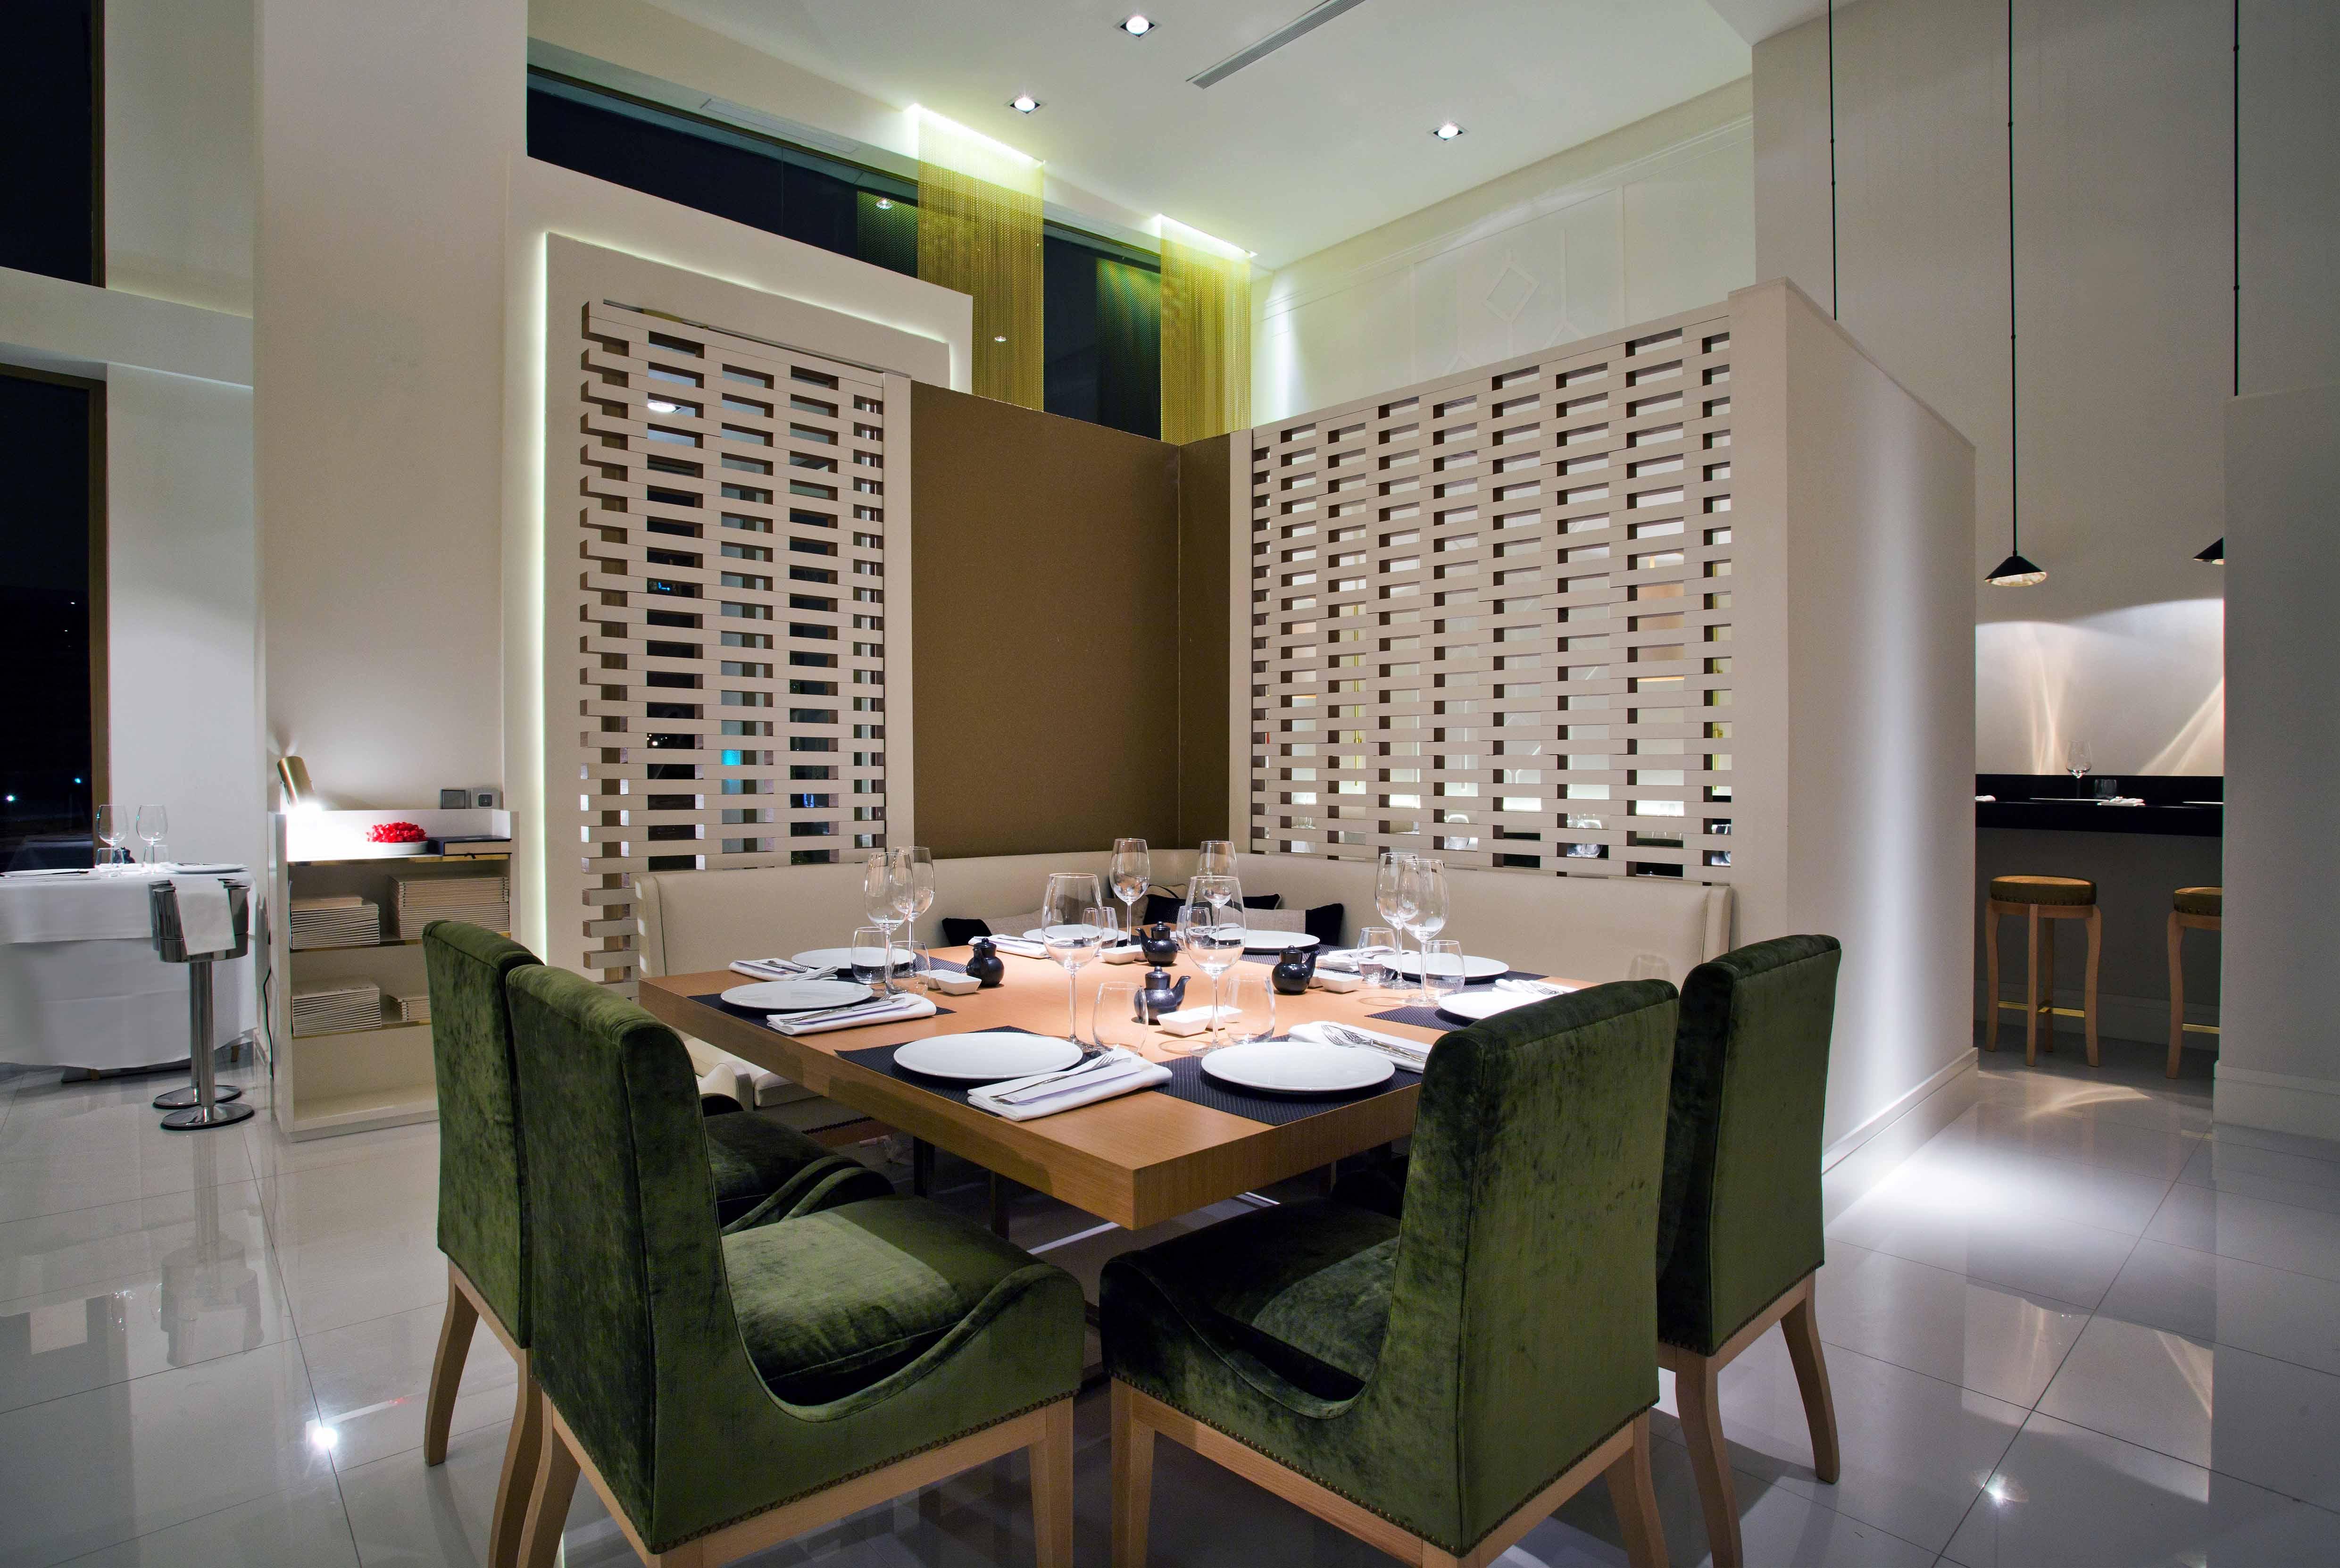 marisa gallo Interior designers Coveted Magazine: Top 100 Interior Designers | Spain marisa gallo